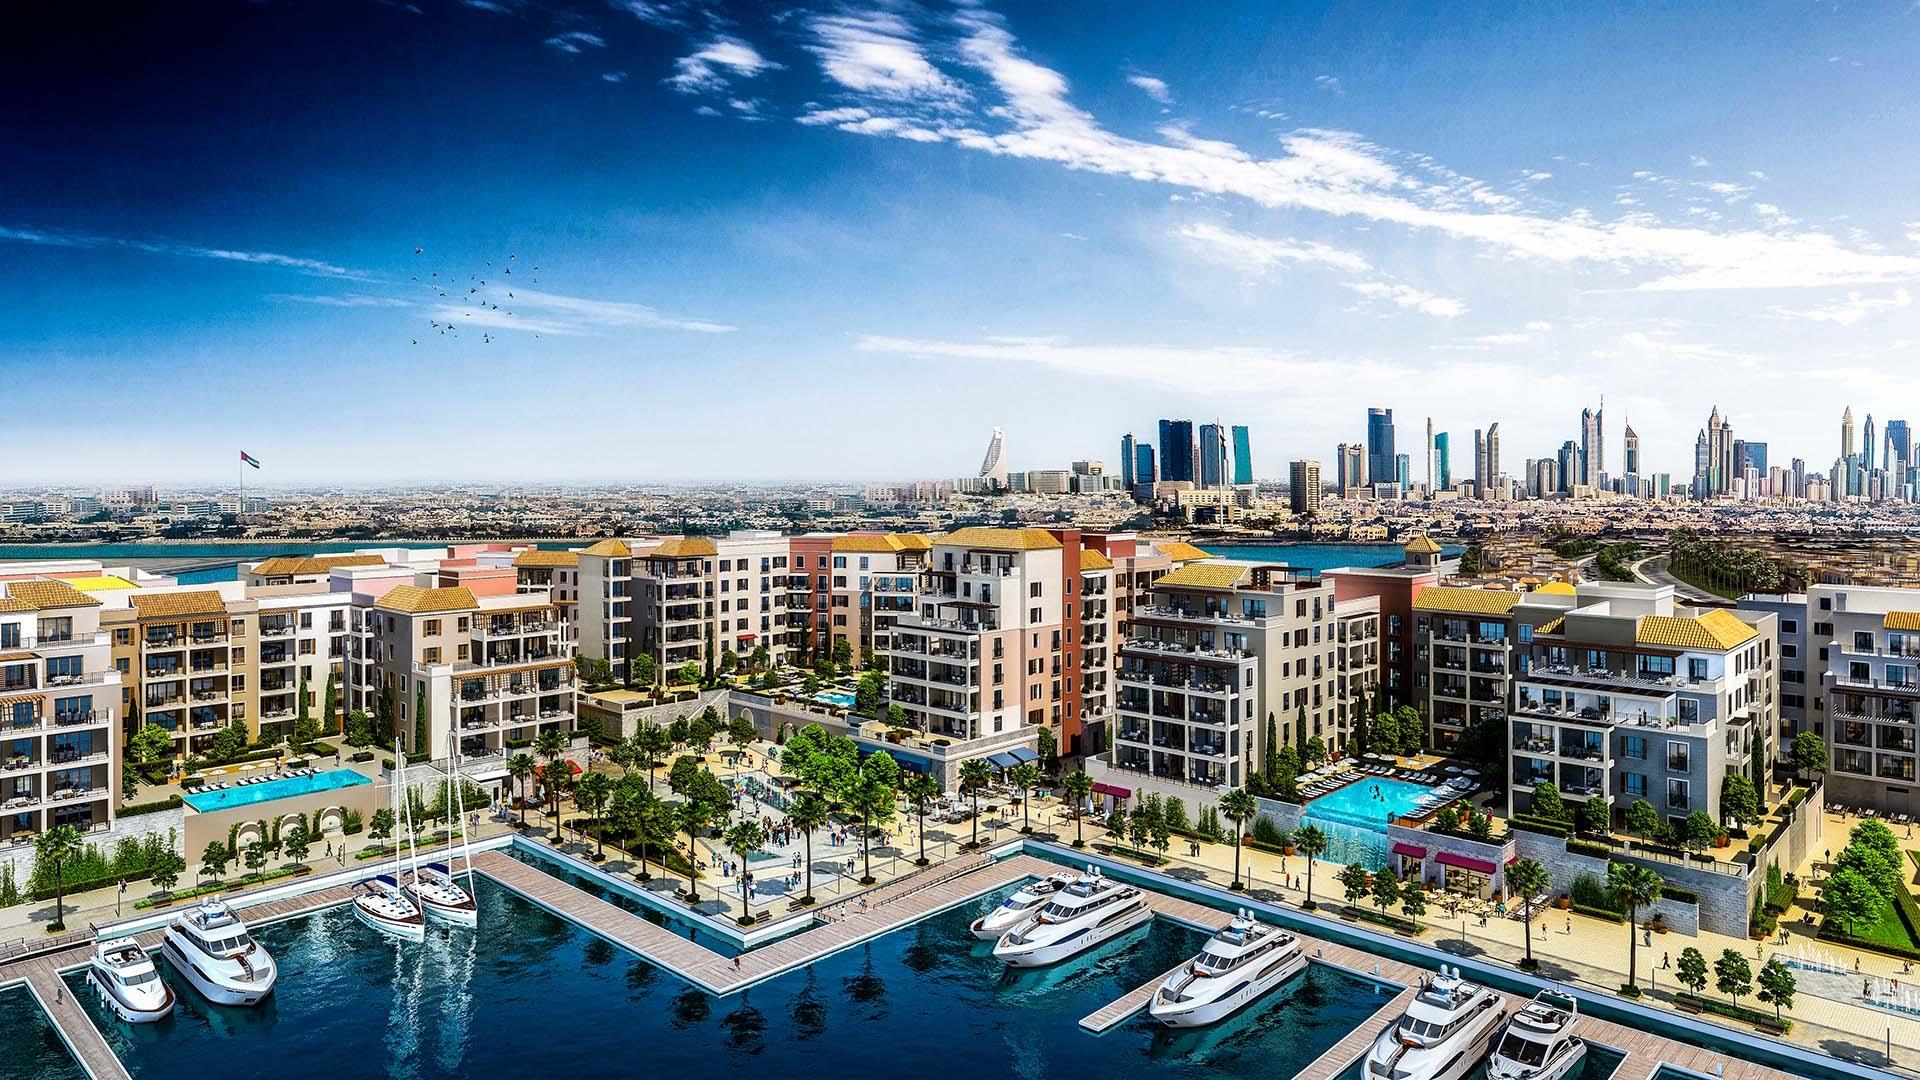 Apartamento en venta en Dubai, EAU, 2 dormitorios, 112 m2, № 23881 – foto 2